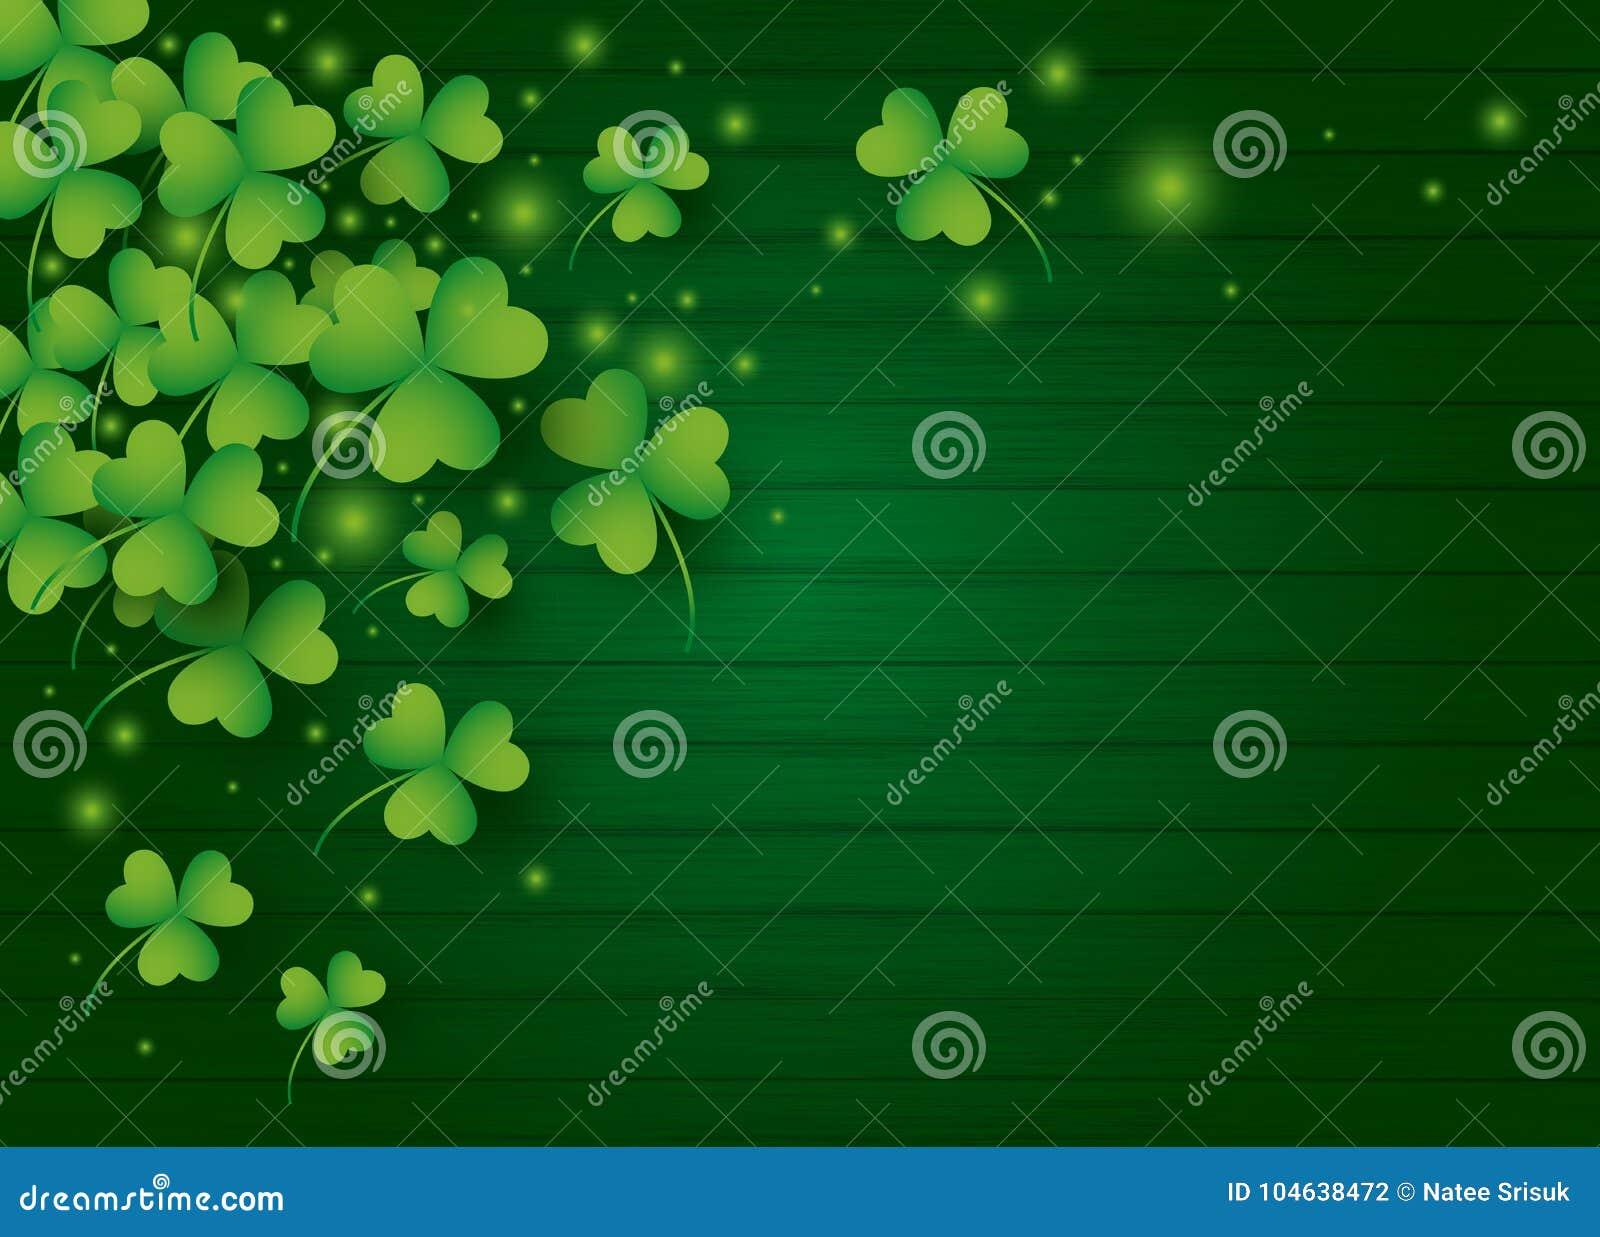 För dagbakgrund för St Patricks design av växt av släktet Trifoliumsidor